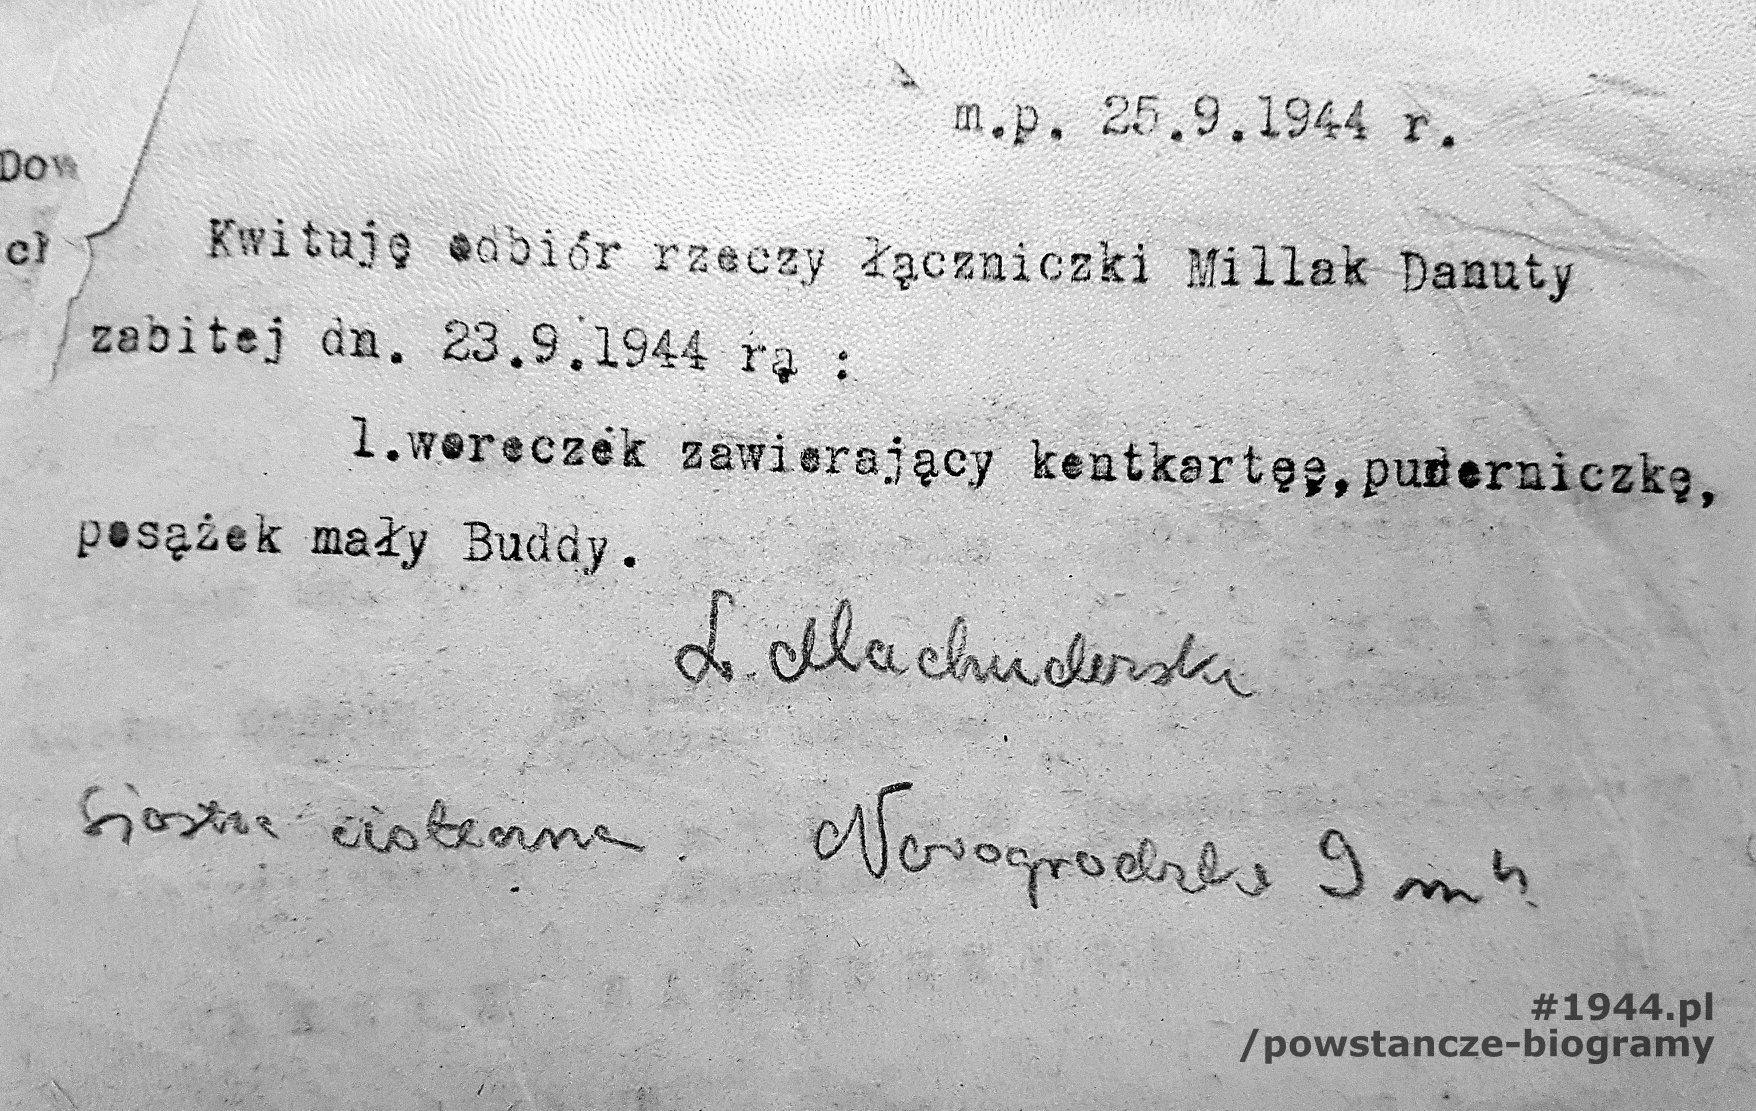 """Pokwitowanie odbioru rzeczy zabitej, 25 IX 1944, podpisano: L. Machuderska. Fot.  udostępnione przez p. Jacka Sztejerwalda, <i>Powstanie Warszawskie - Batalion KB """"Nałęcz""""</i>"""